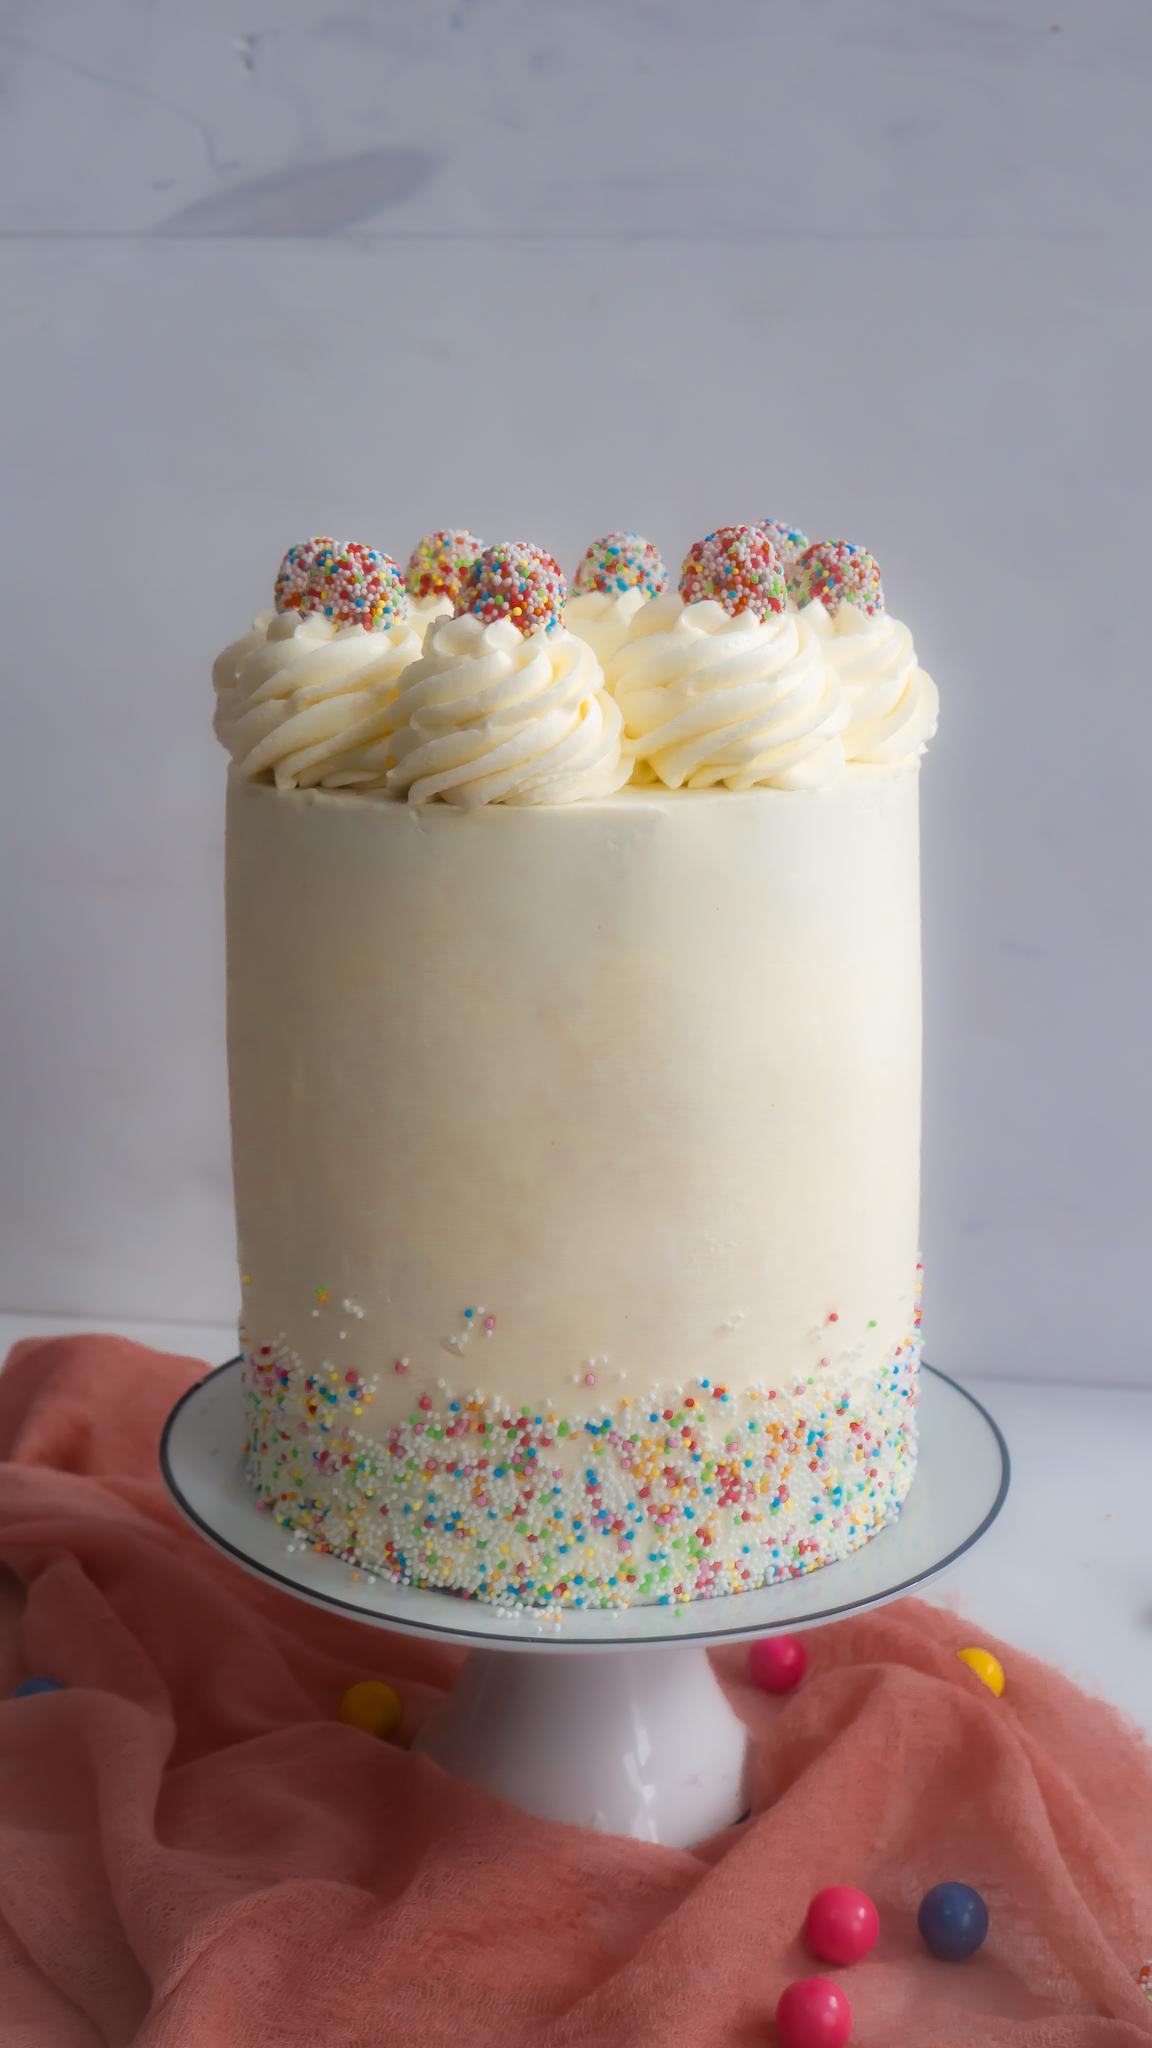 Gateau a la vanille pour 2 personnes